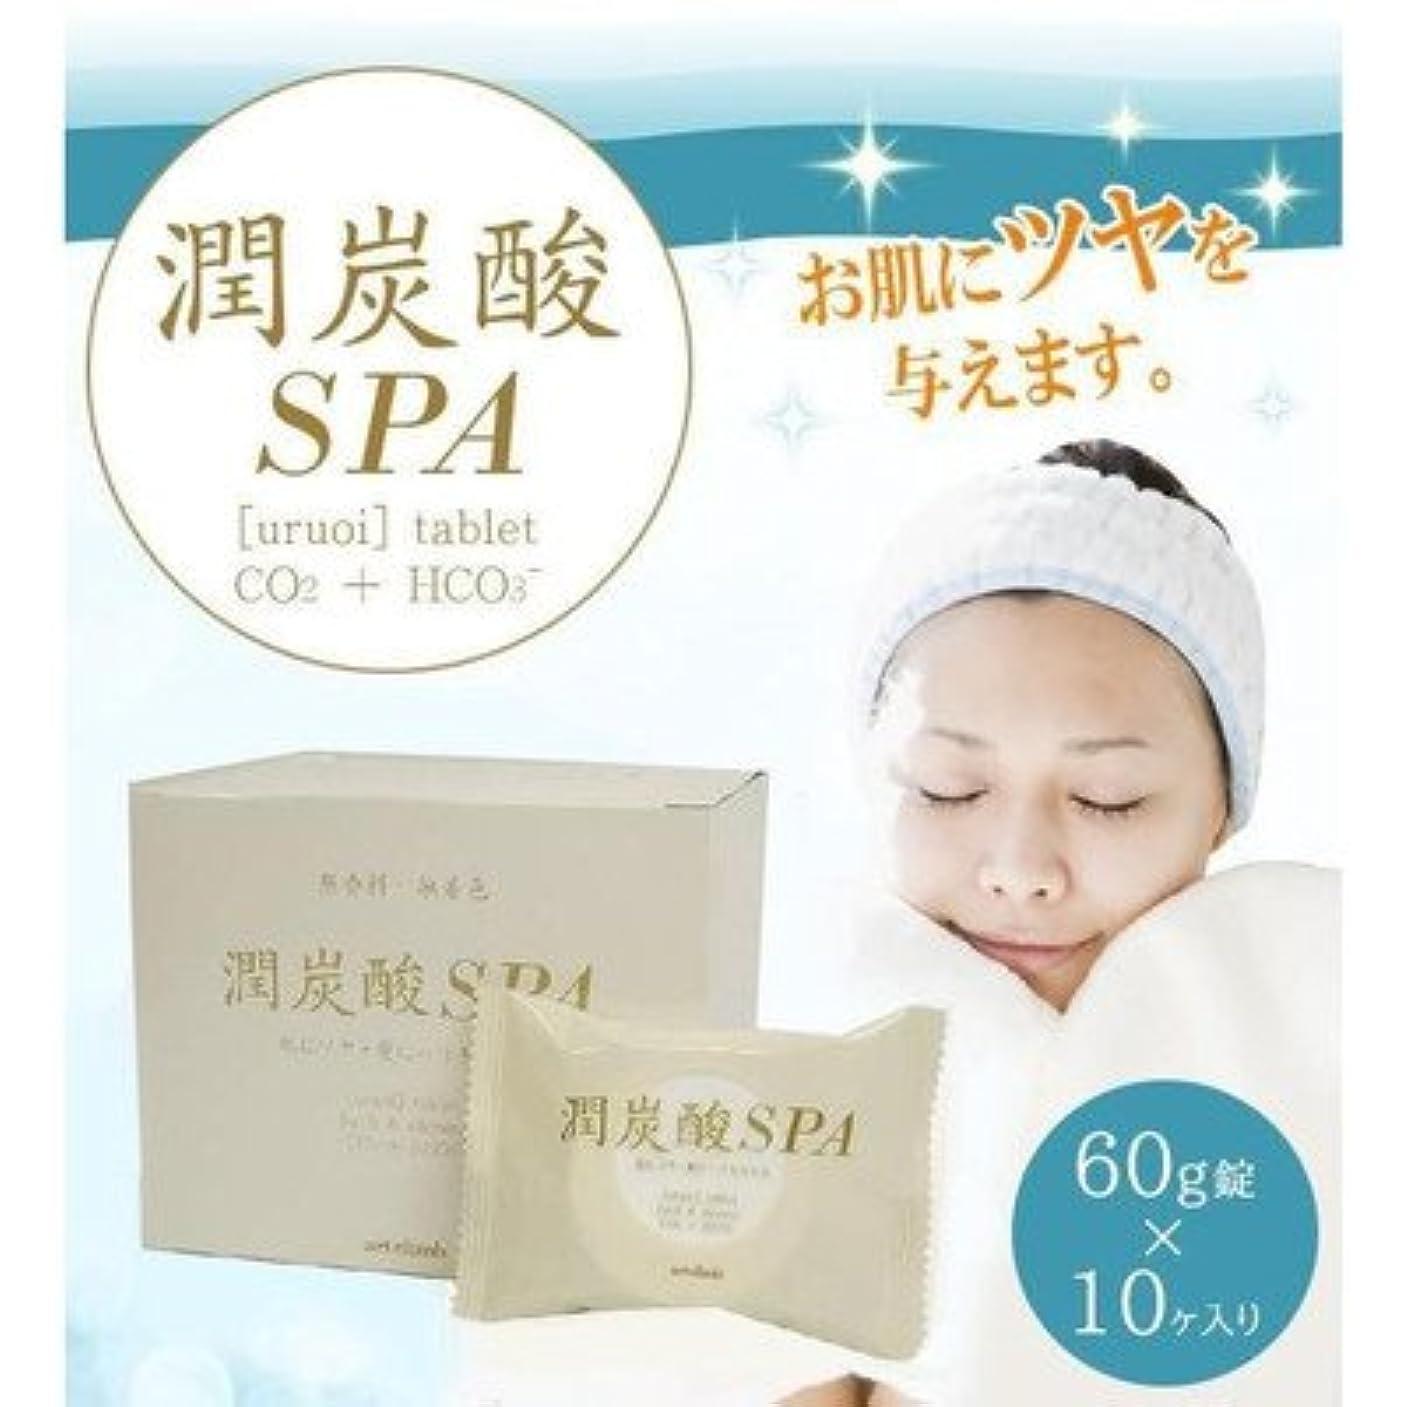 潤炭酸SPA BS 60g錠×10ヶ入り (浴用化粧料)